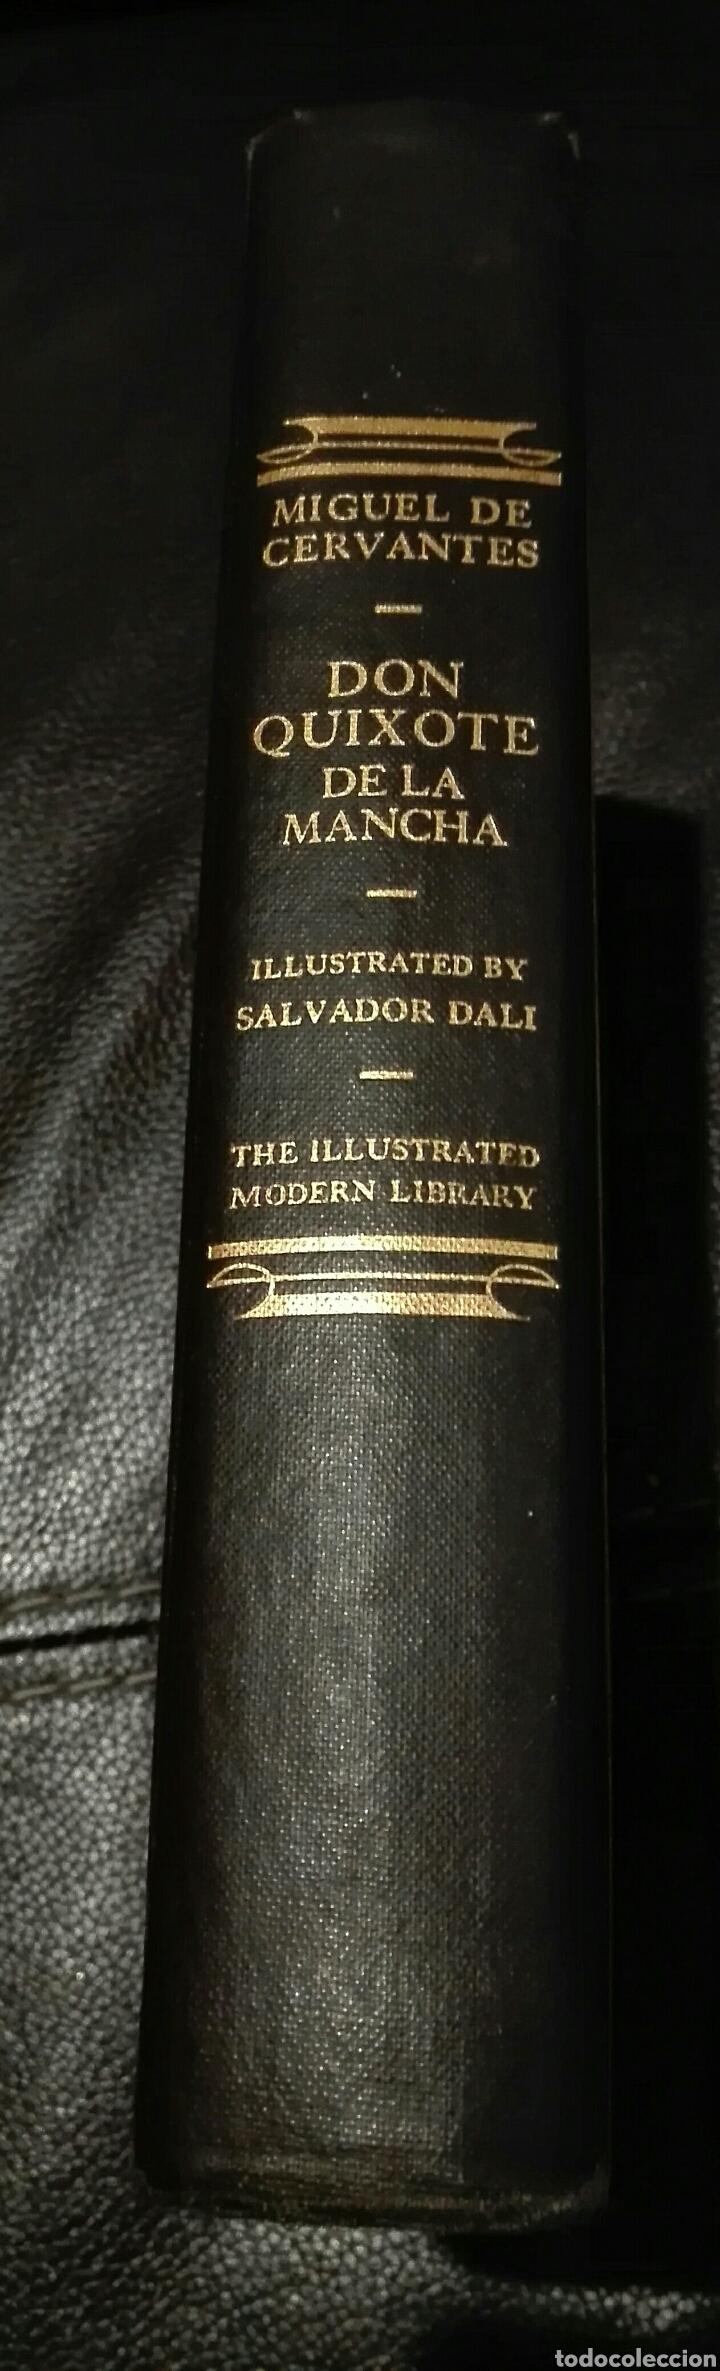 MIGUEL DE CERVANTES. DON QUIJOTE. ILUSTRADO POR SALVADOR DALÍ. 1946. PRIMERA EDICIÓN MODERN LIBRARY (Libros de Segunda Mano (posteriores a 1936) - Literatura - Otros)